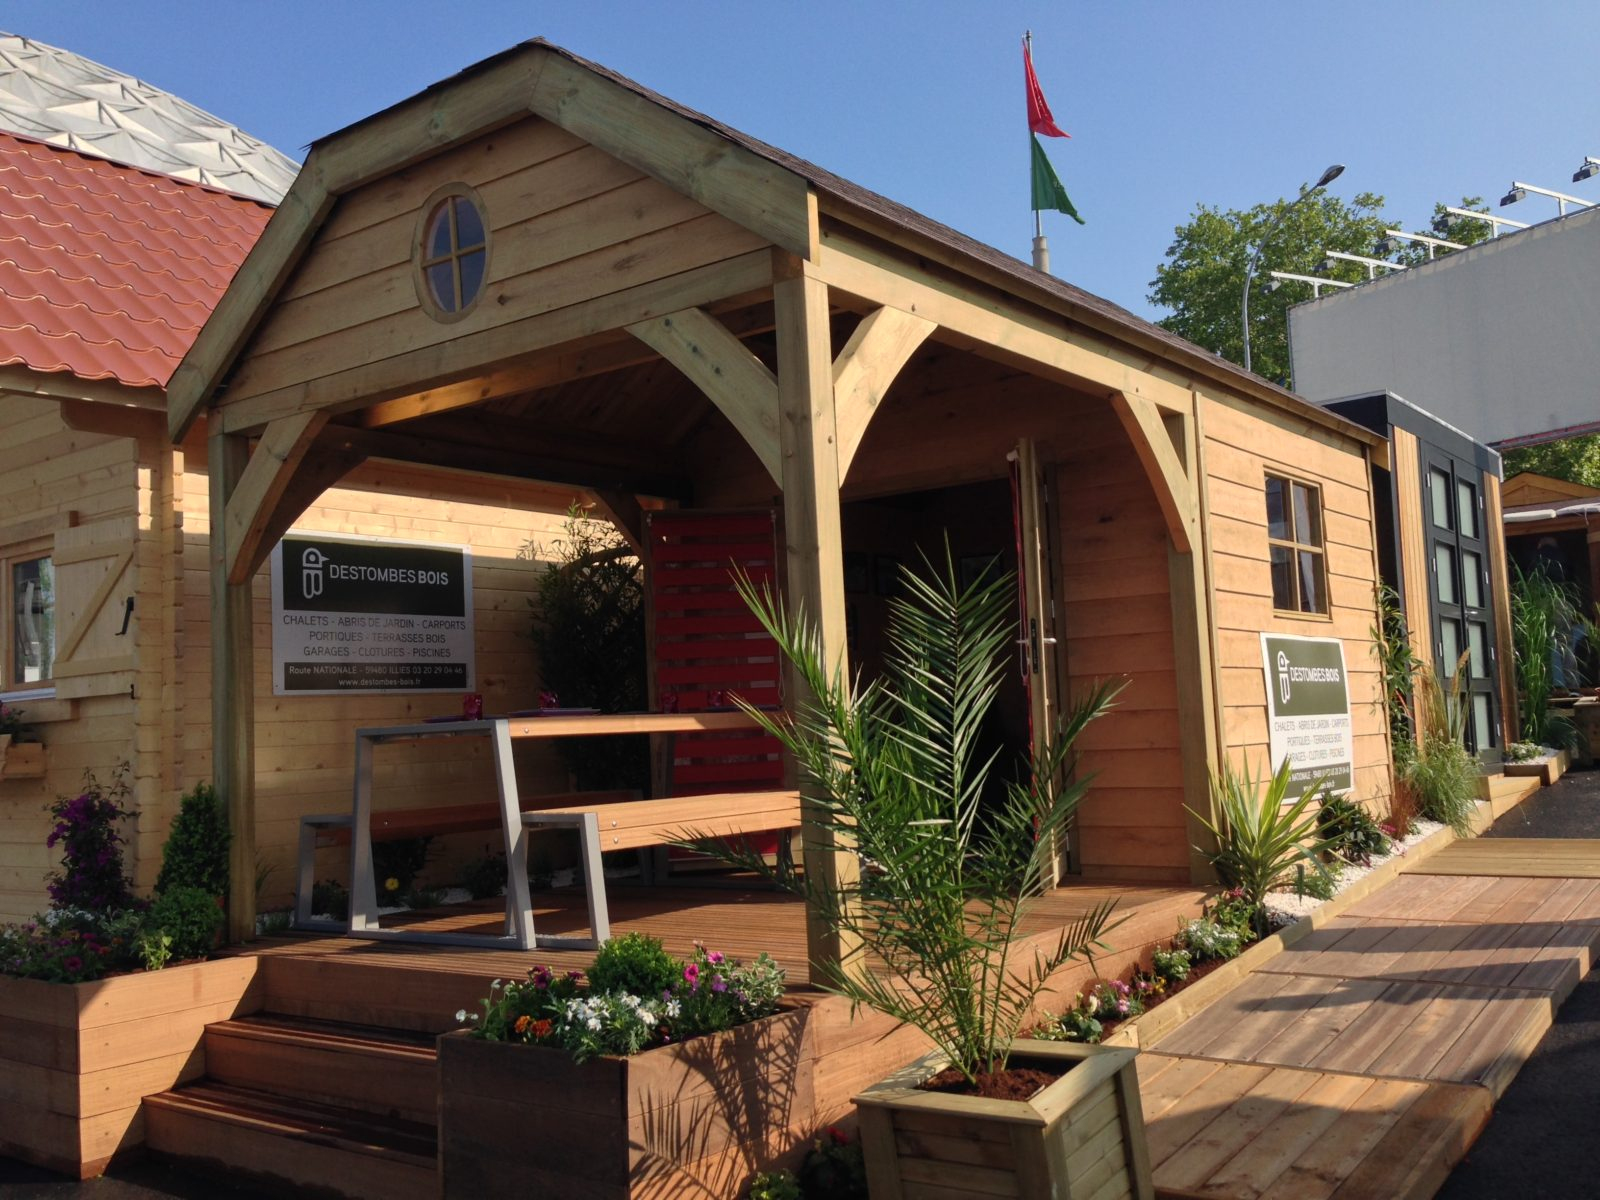 Destombes Bois   Abri De Jardin Bois - Garage - Carport ... pour Abri Terrasse Bois